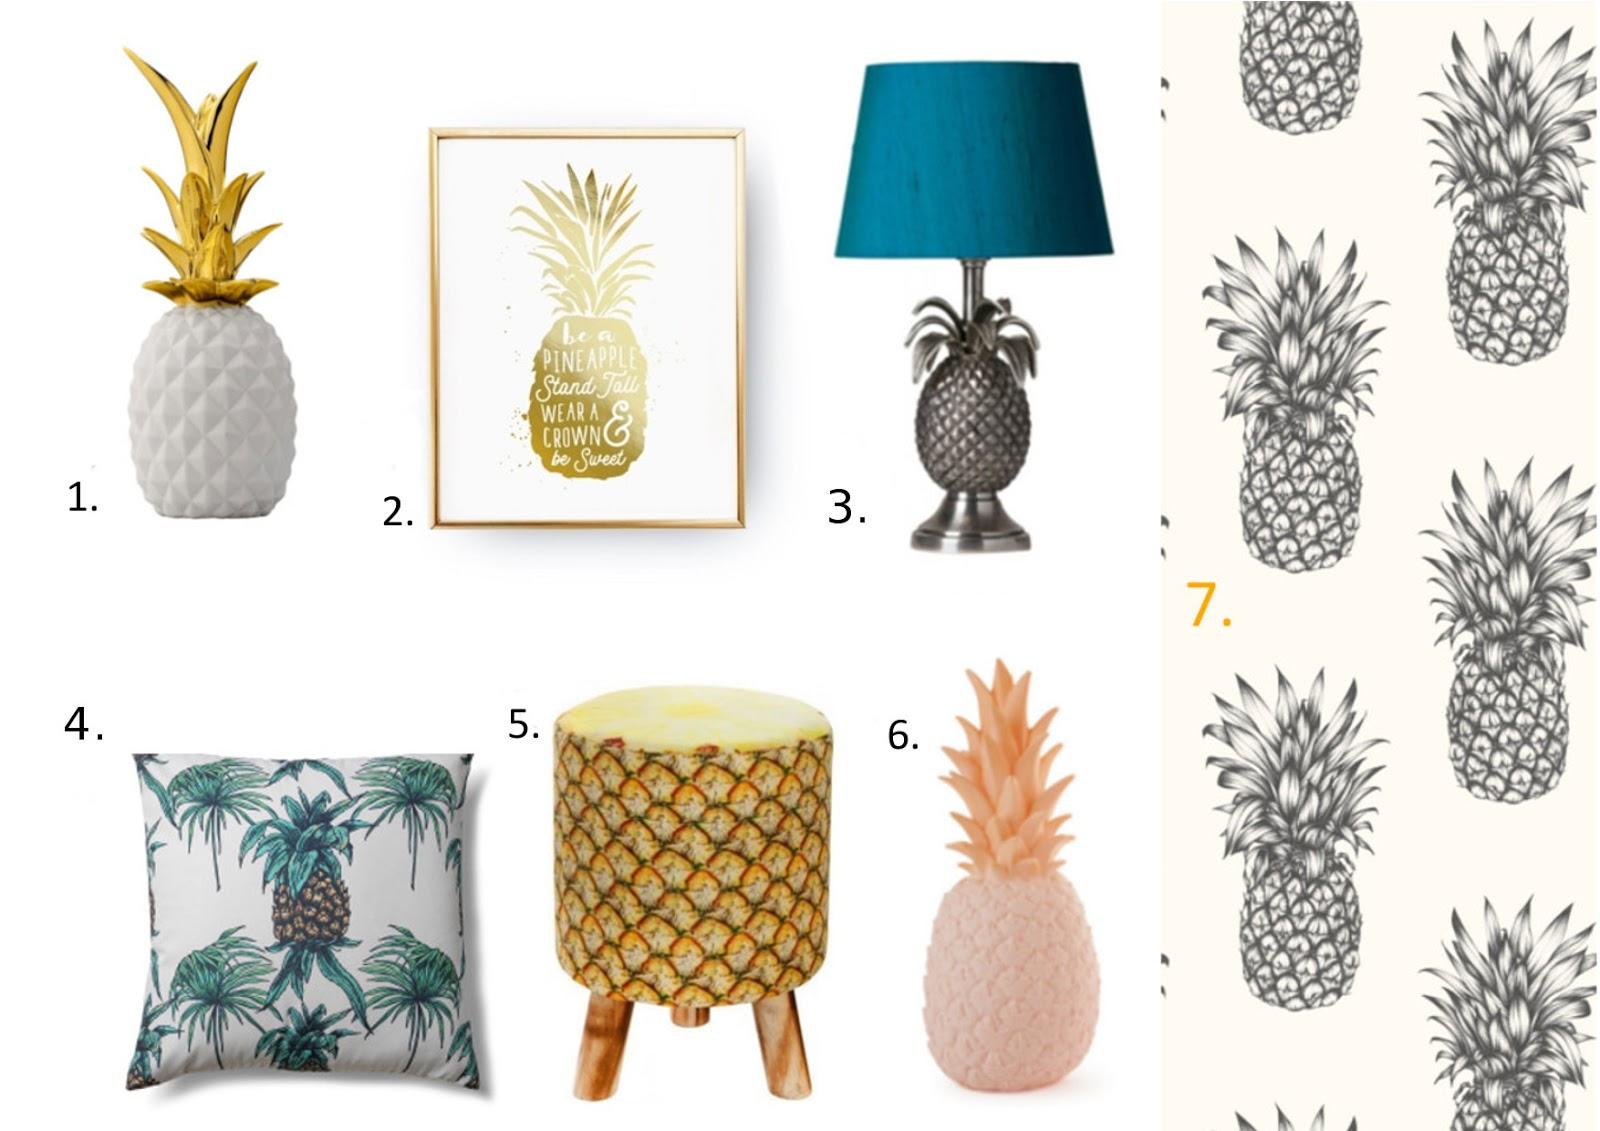 dodatki do wnętrz z motywem ananasa